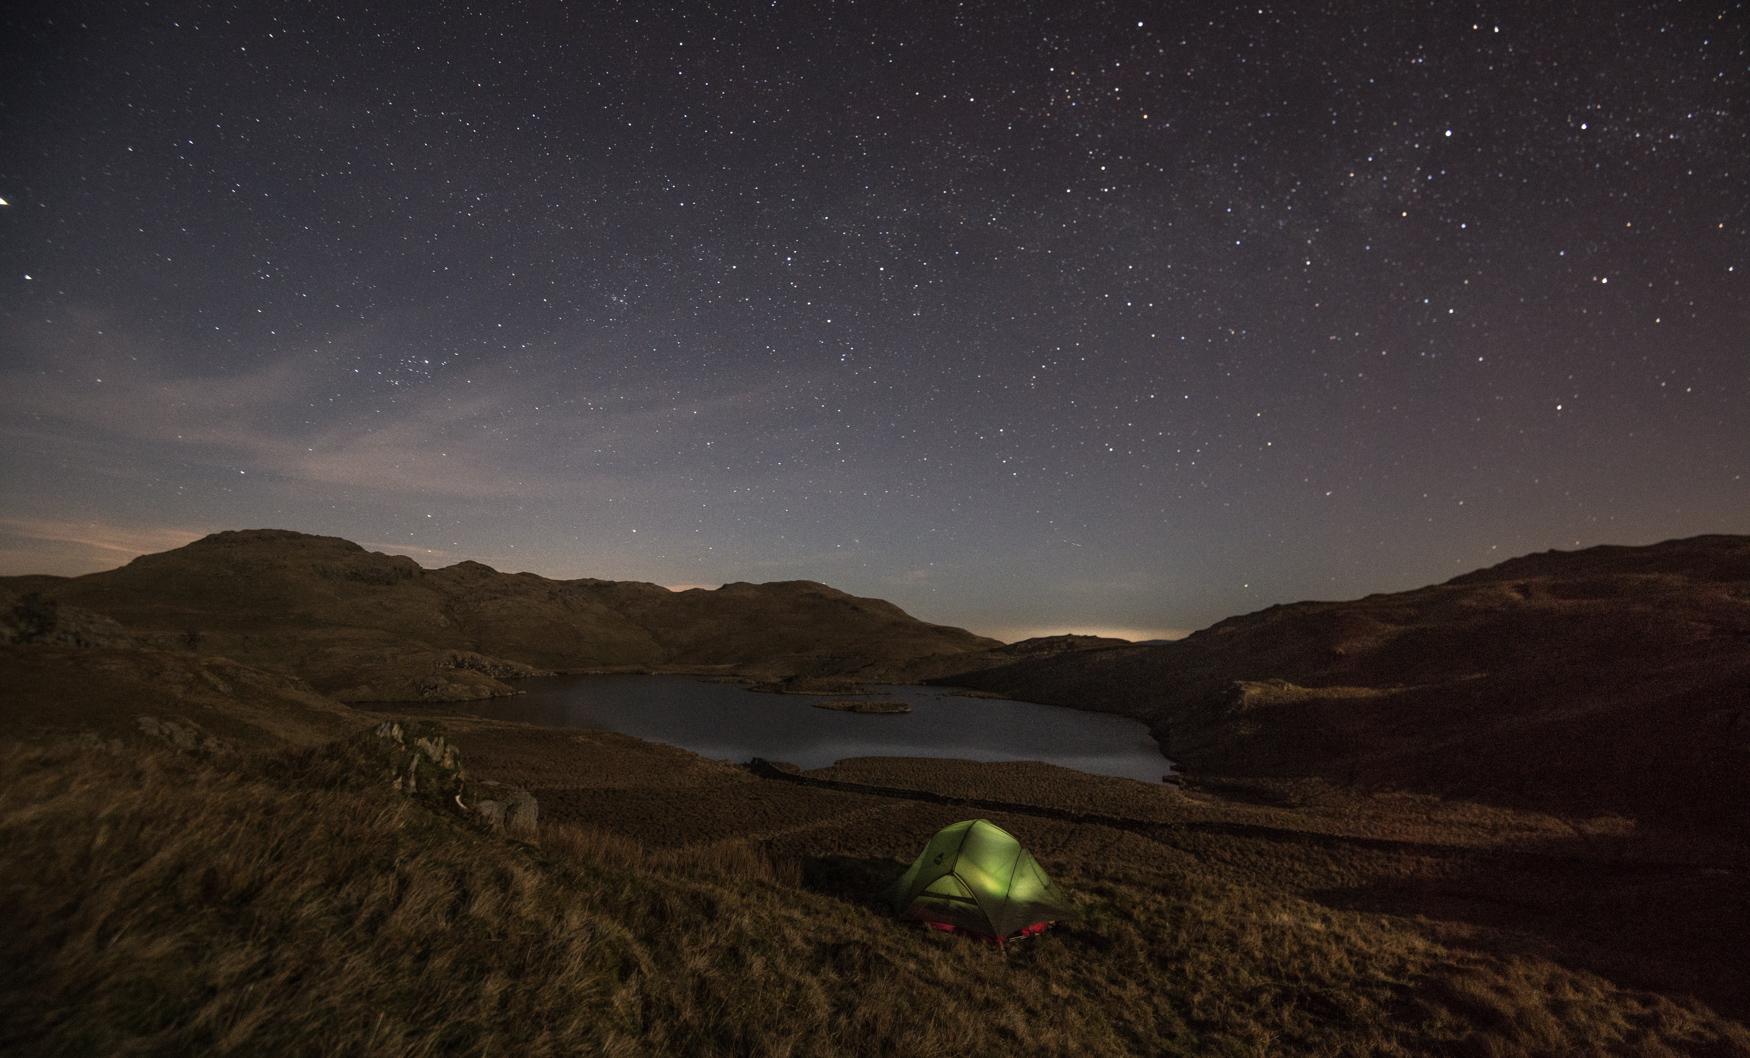 February Camp at Angle Tarn, Cumbria